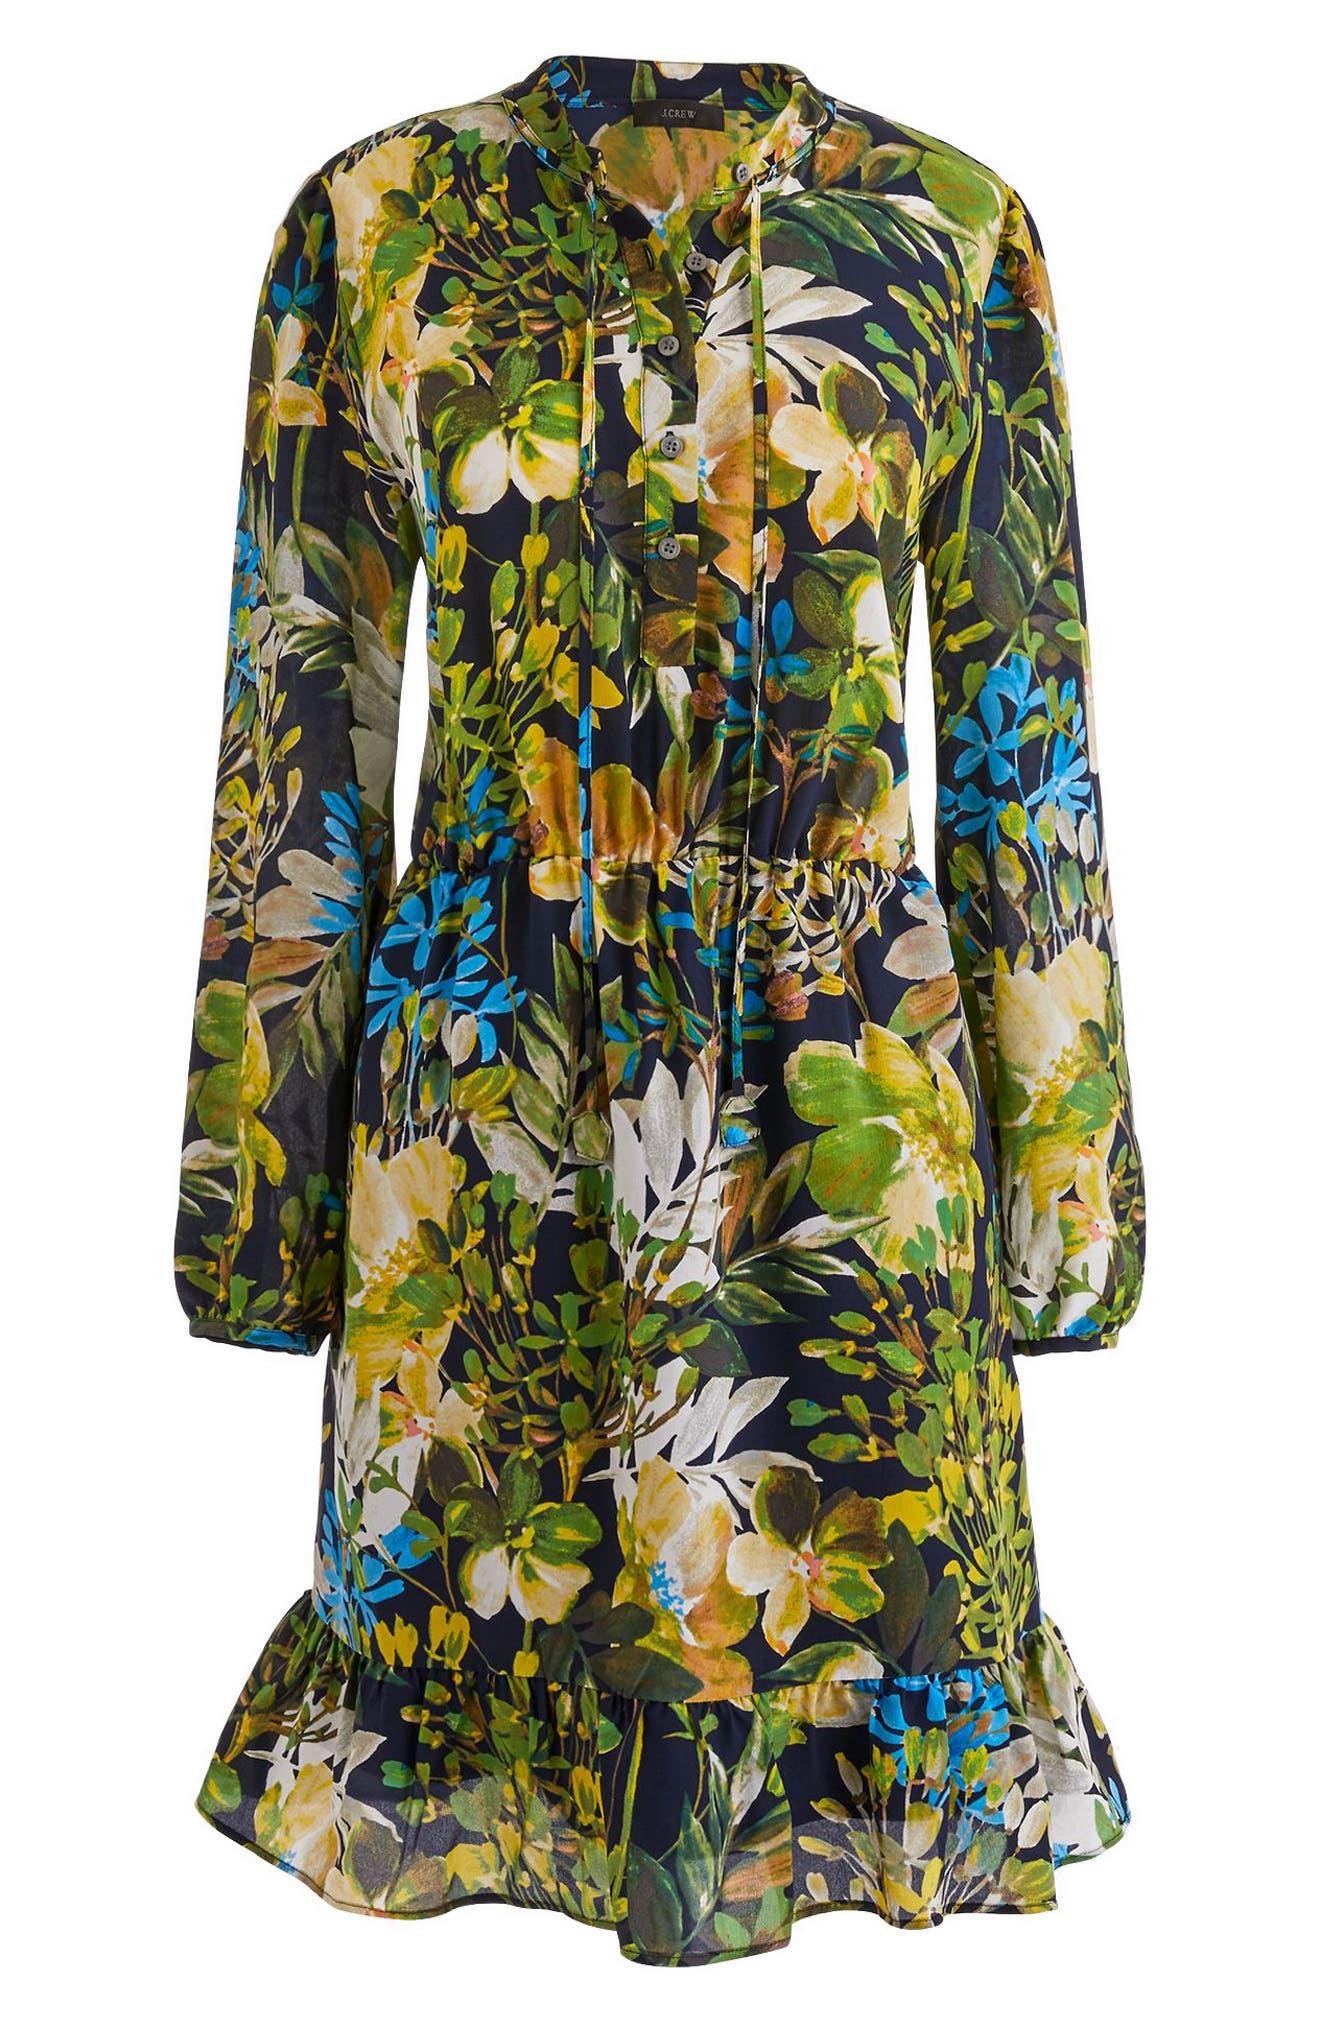 Alternate Image 1 Selected - J.Crew Watercolor Floral Silk Dress